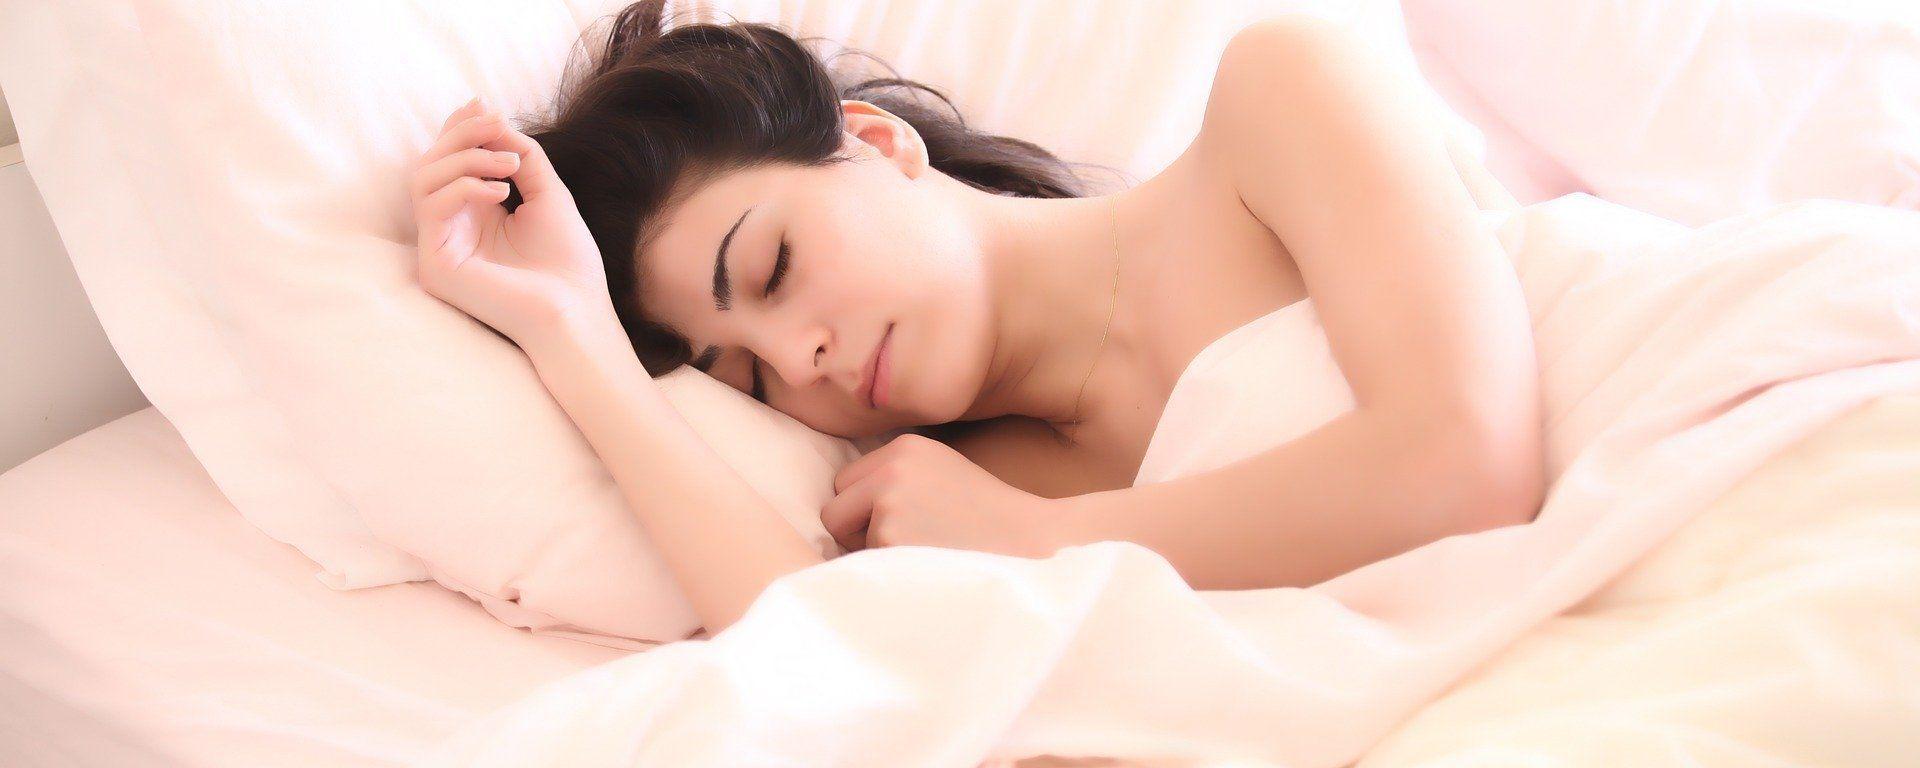 Περιορίζεται ο θόρυβος και αυξάνονται οι πιθανότητες για έναν ποιοτικό ύπνο - Sputnik Ελλάδα, 1920, 17.09.2021